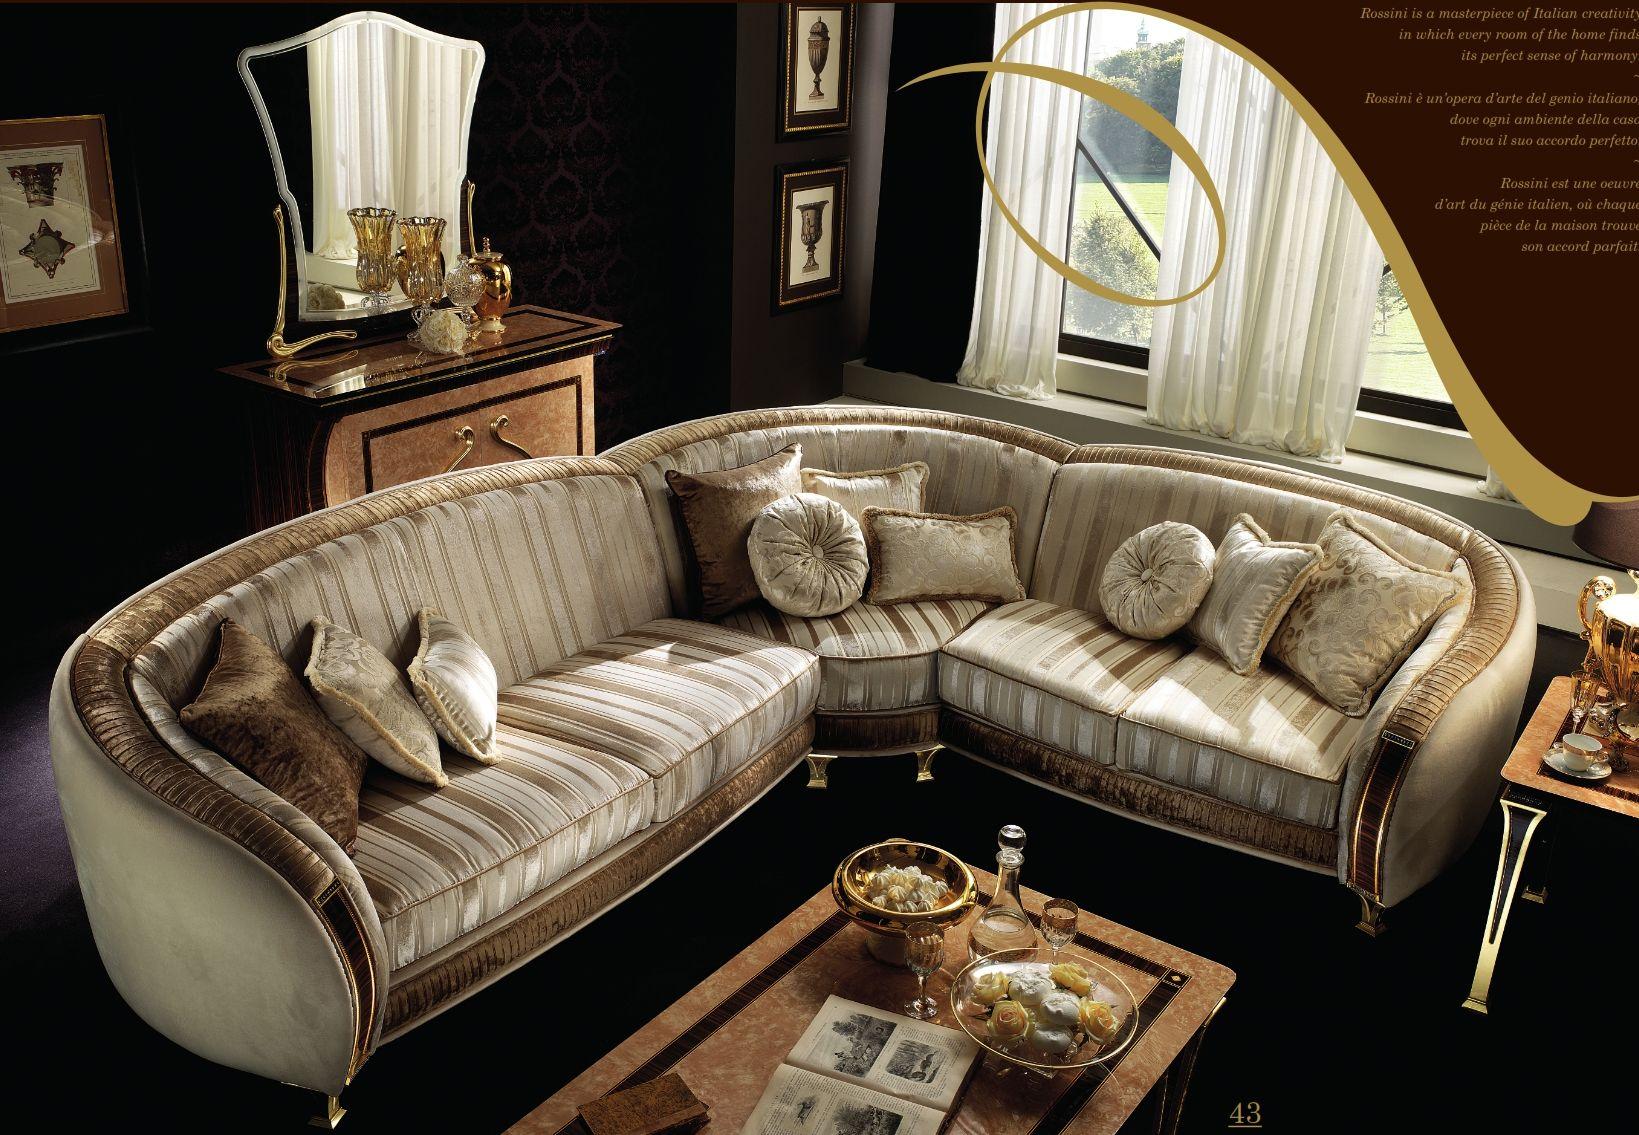 klassische m bel schnittsofa serie arredoclassic rossinidie m bel aus italien. Black Bedroom Furniture Sets. Home Design Ideas